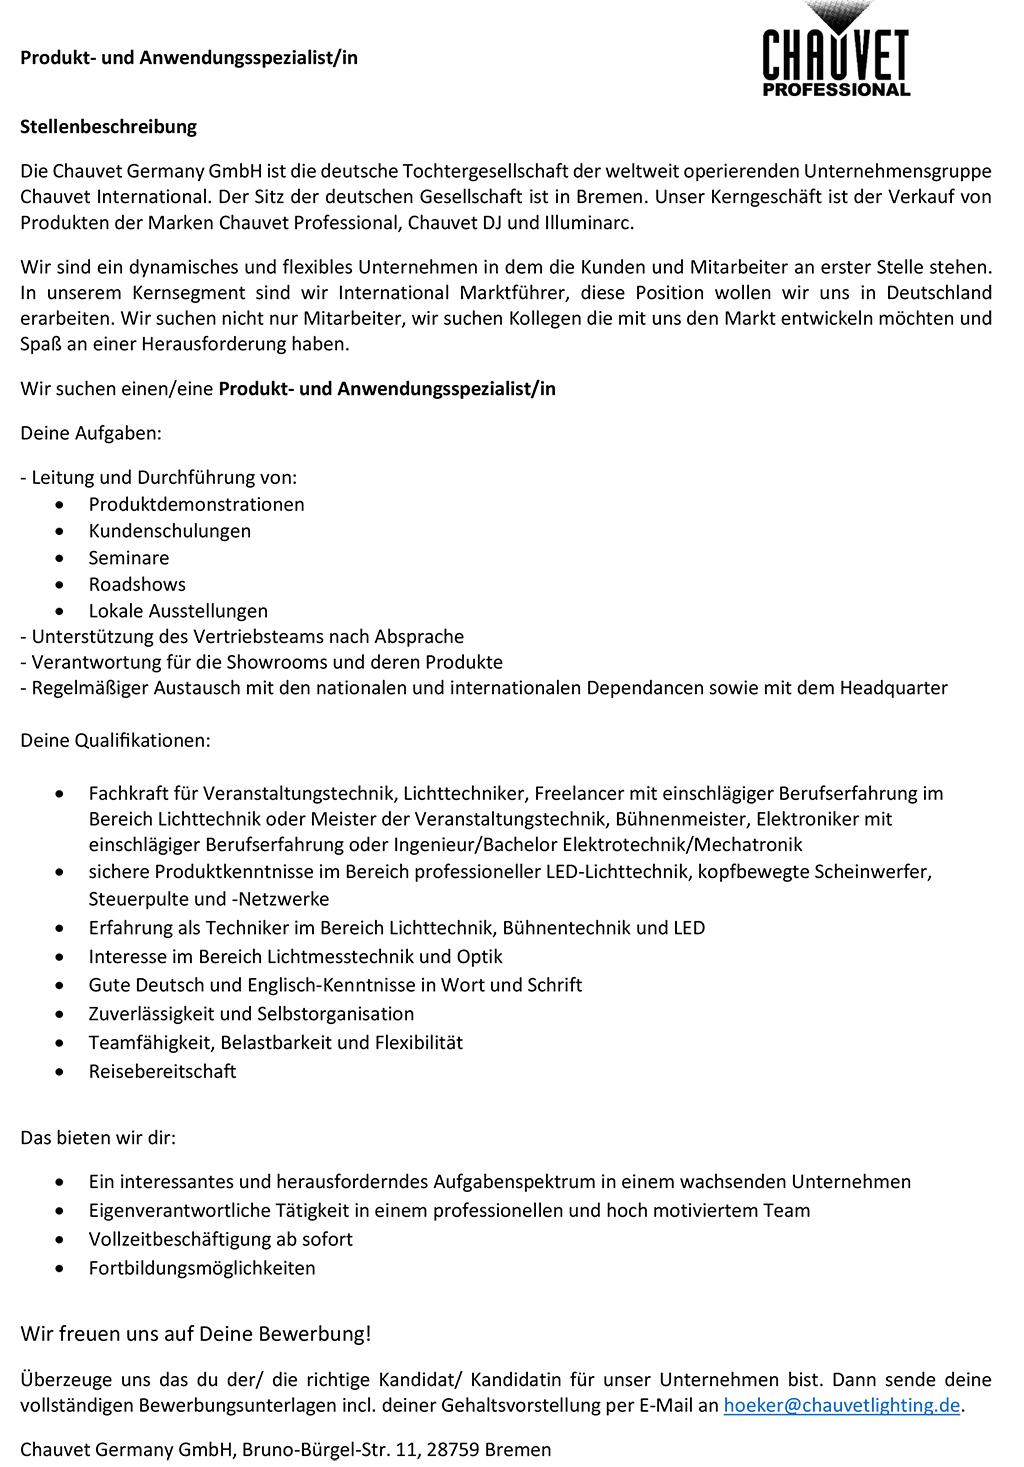 Stellenbeschreibung der Firma Chauvet für die Position eines Produktspezialisten/einer Produktspezialistin